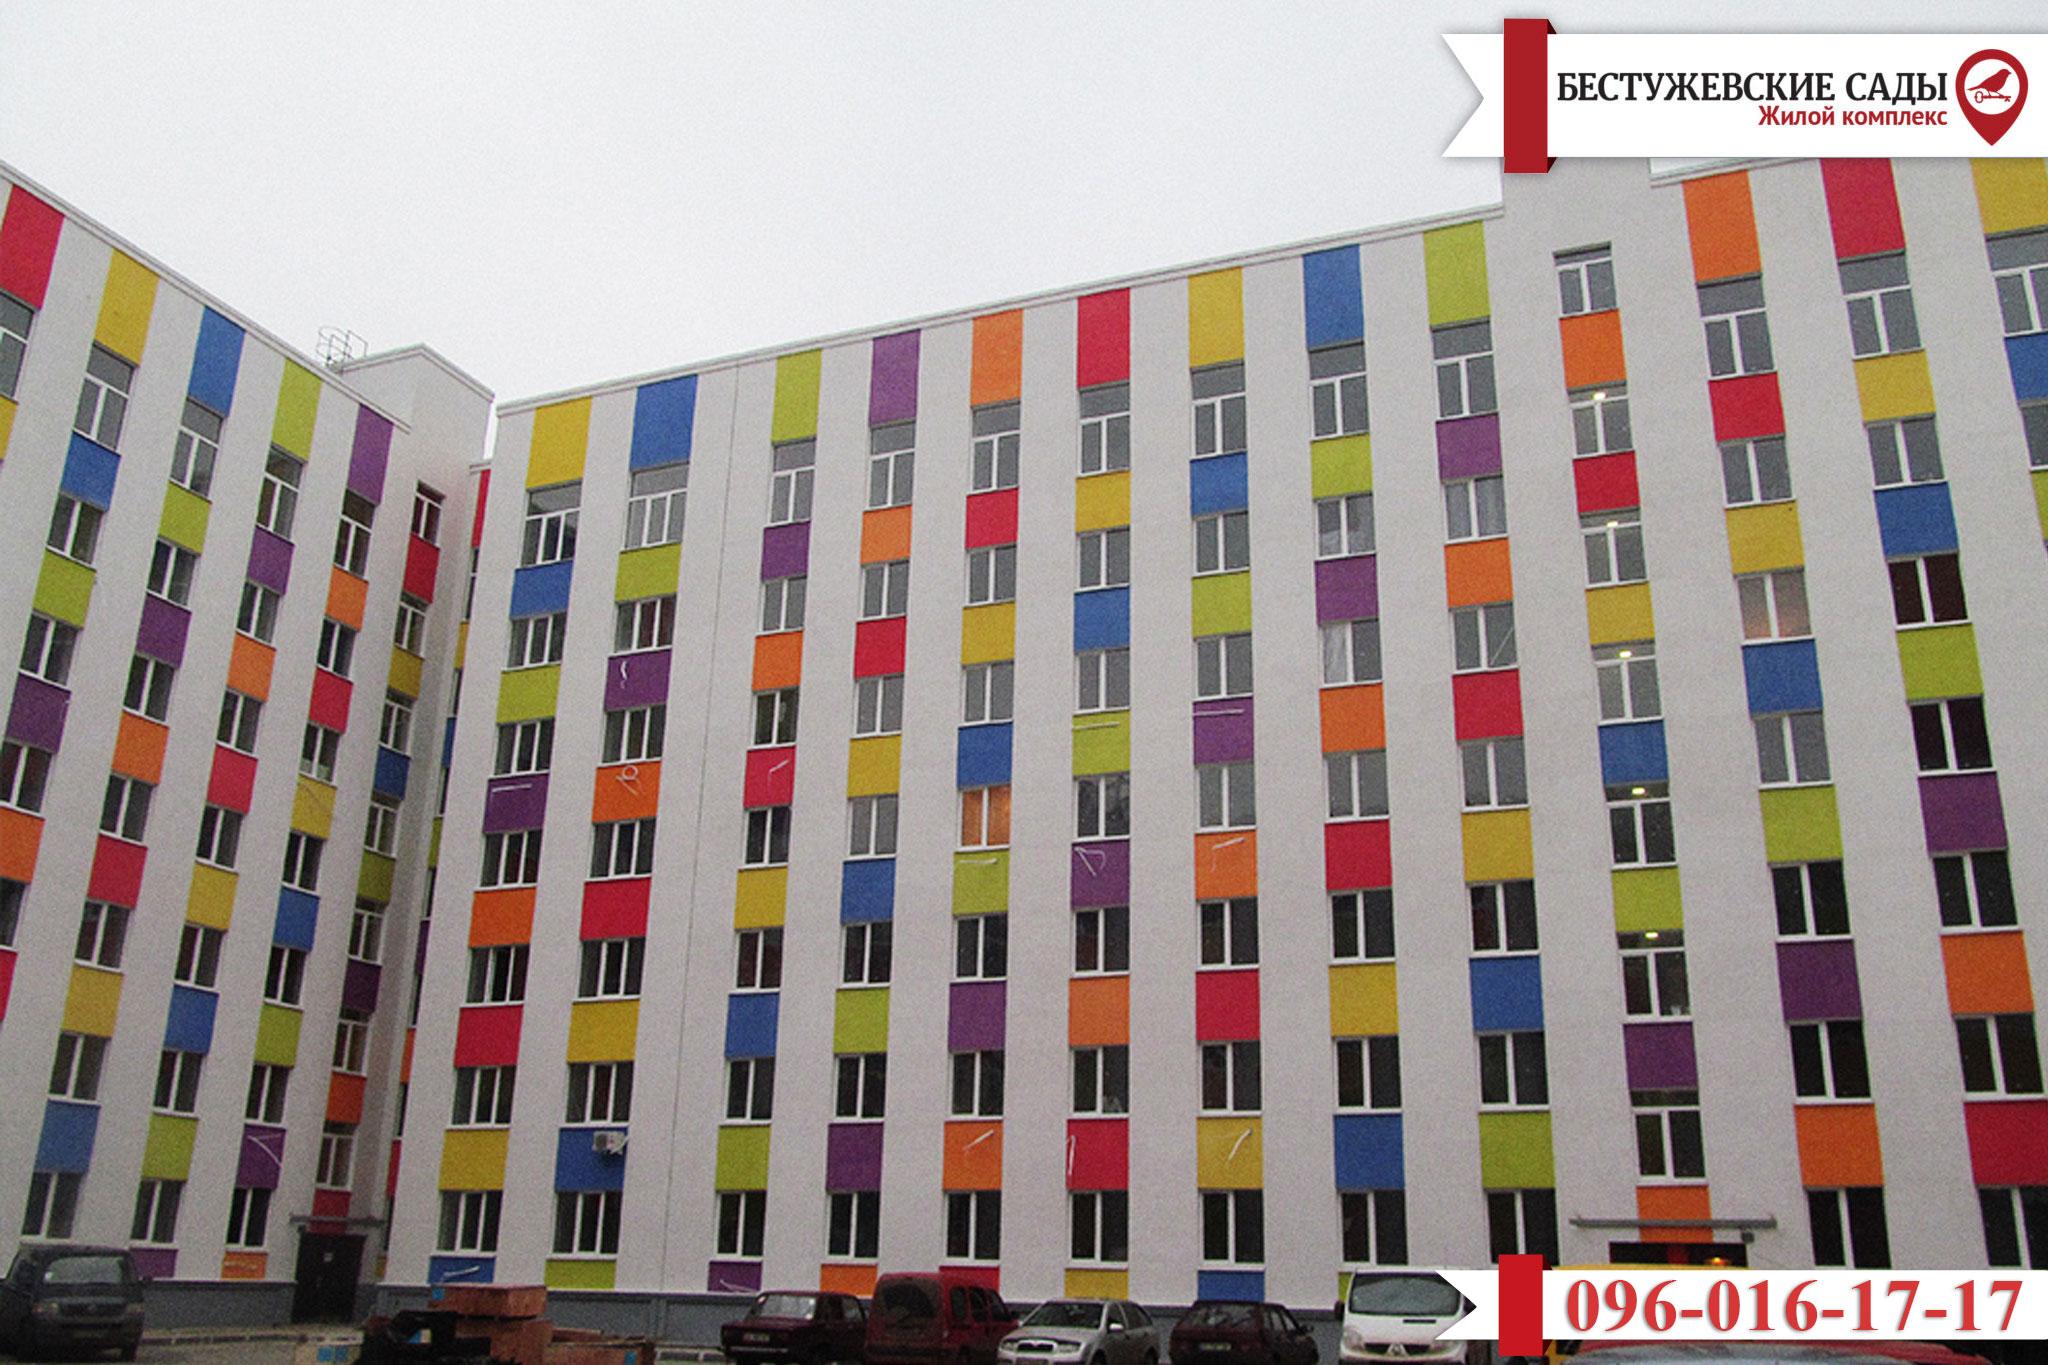 Новости со строительной площадки ЖК «Бестужевские сады-2»